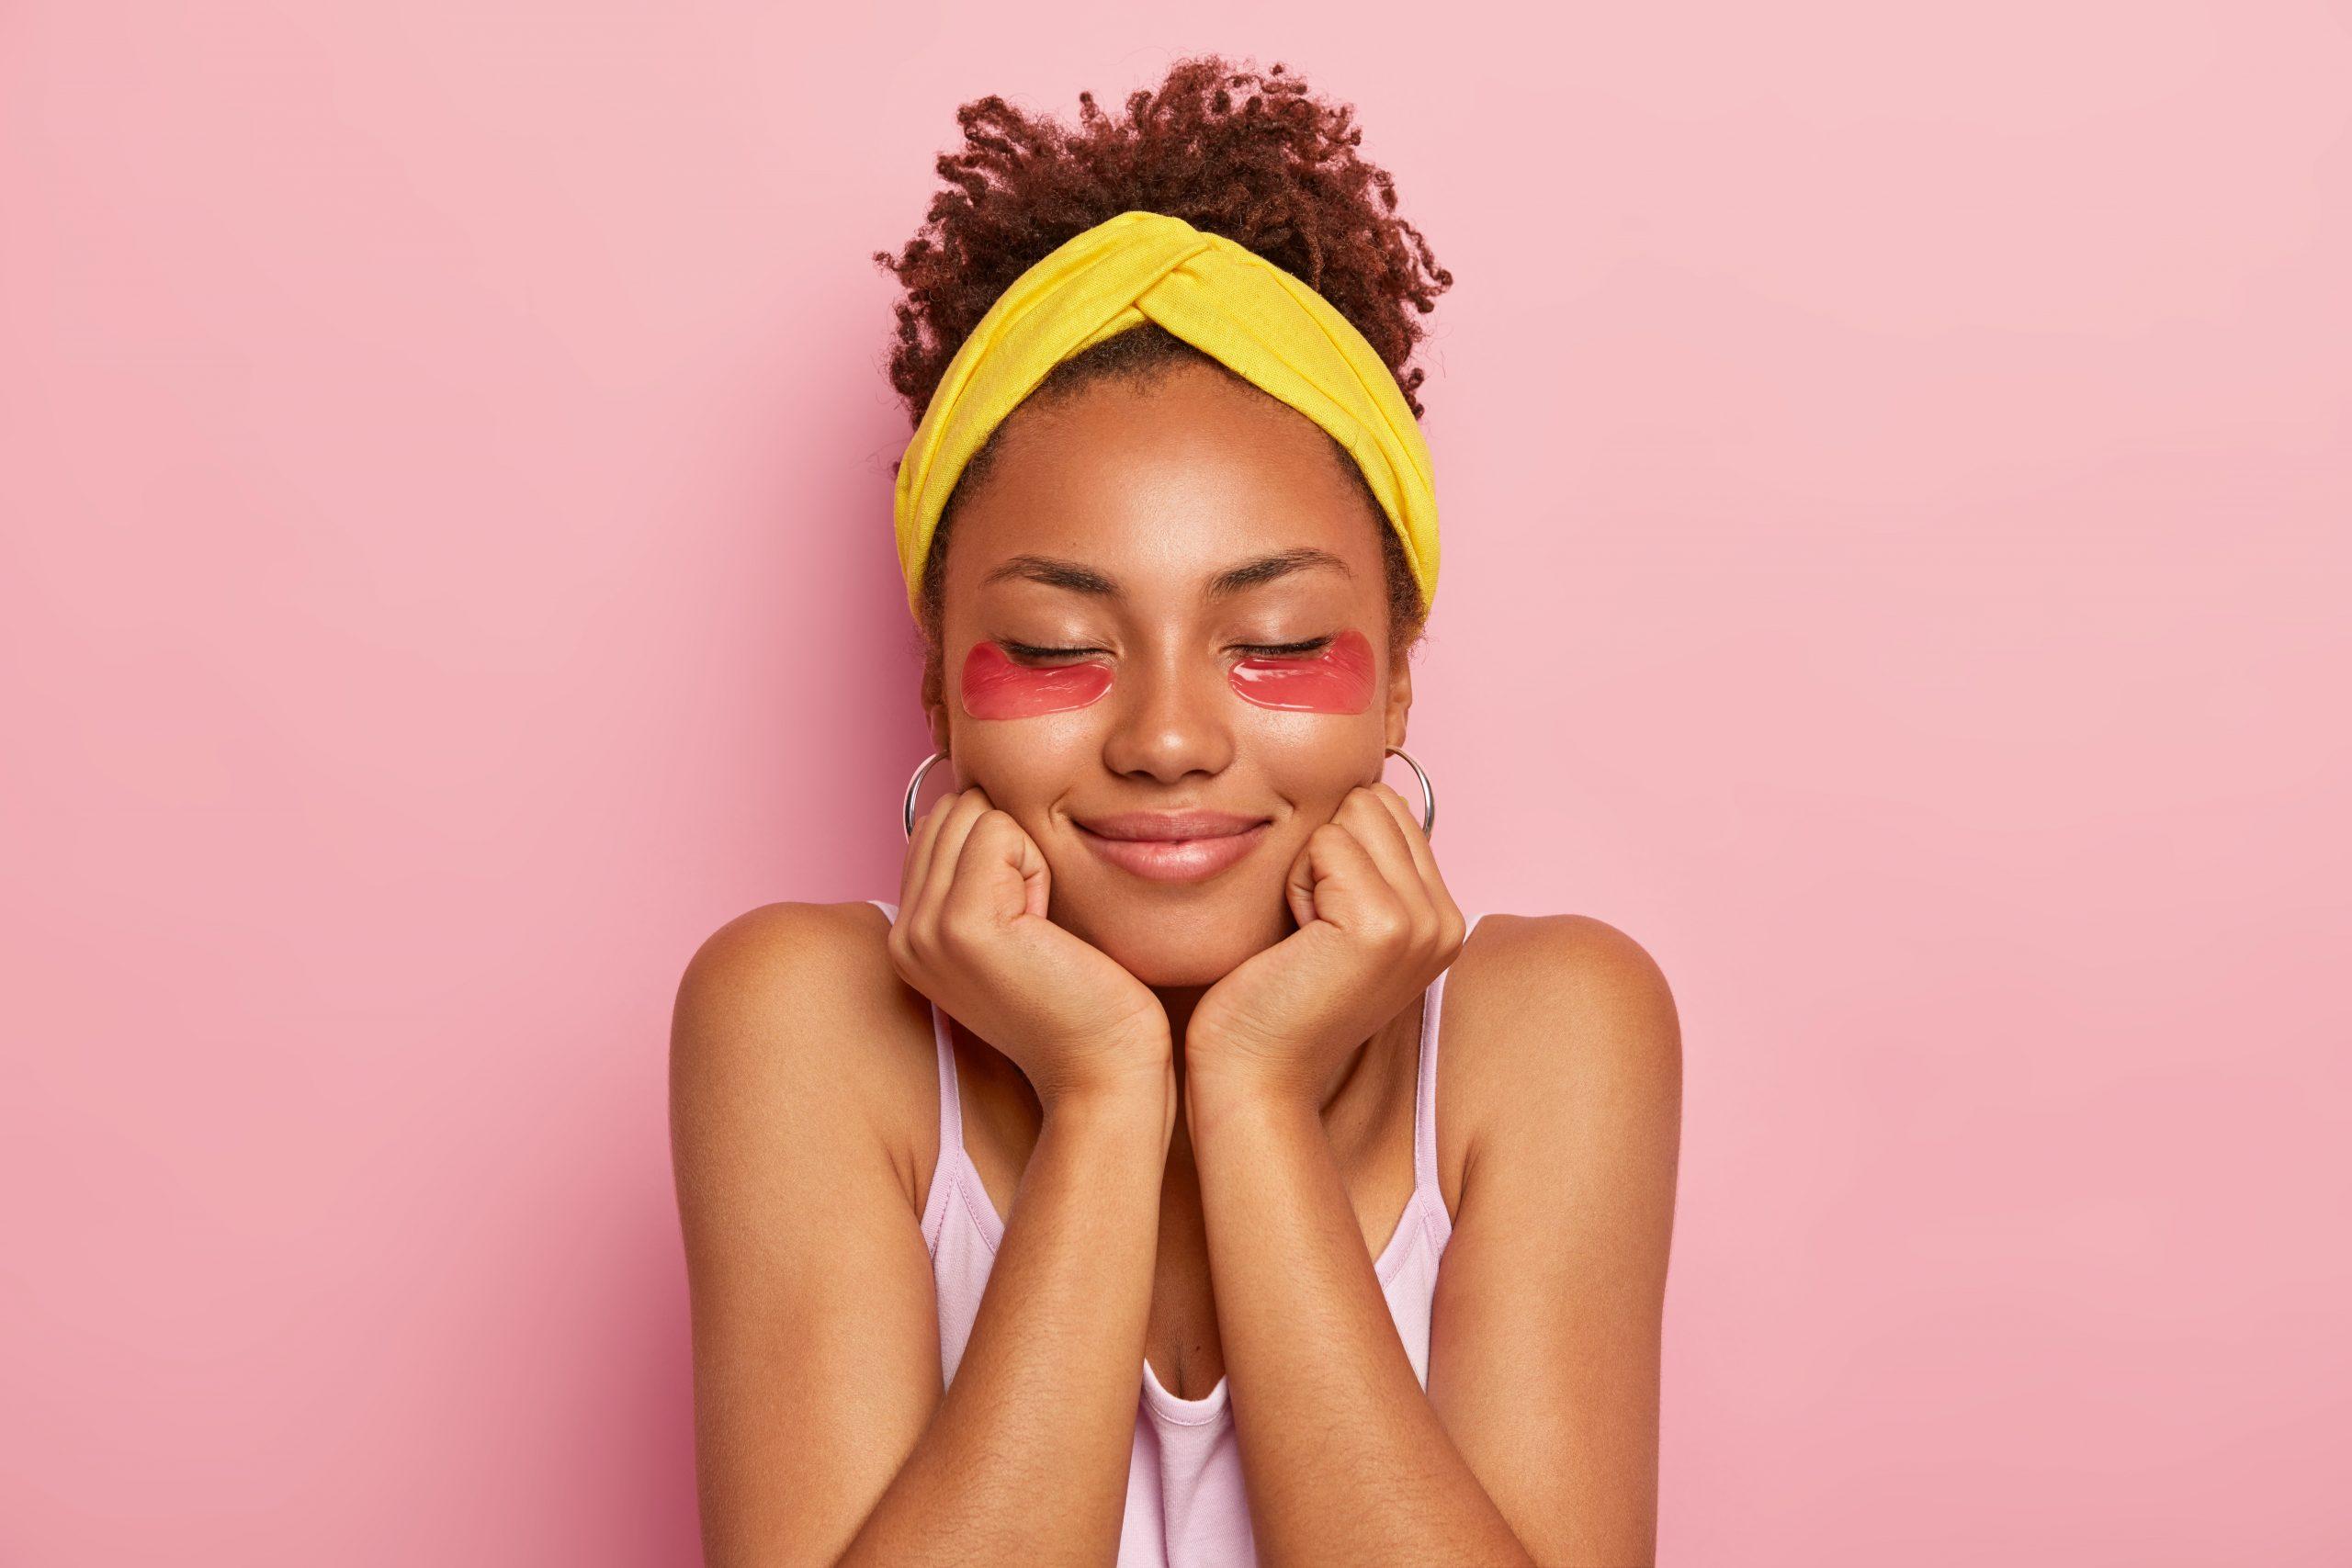 Los parches antiojeras, se aplican fácilmente y son eficaces, son unos de los productos cosméticos más populares entre los famosos de Hollywood